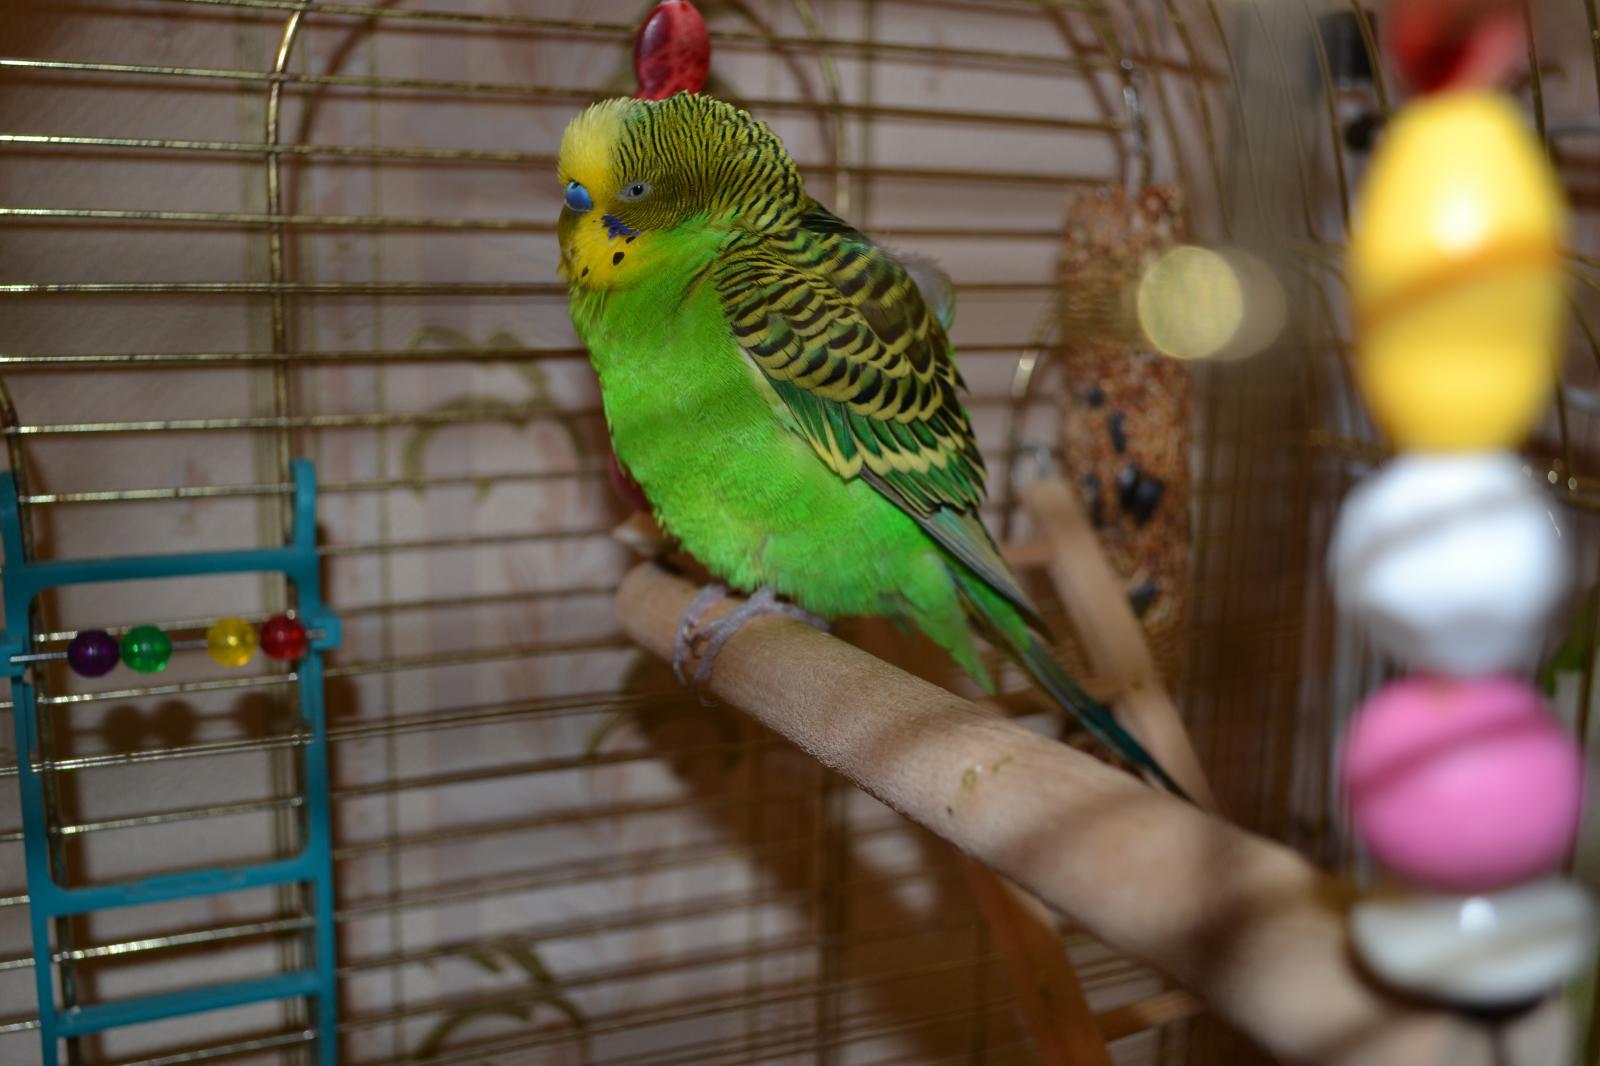 Окрасы волнистых попугаев - цвета, фото разных окрасов 81